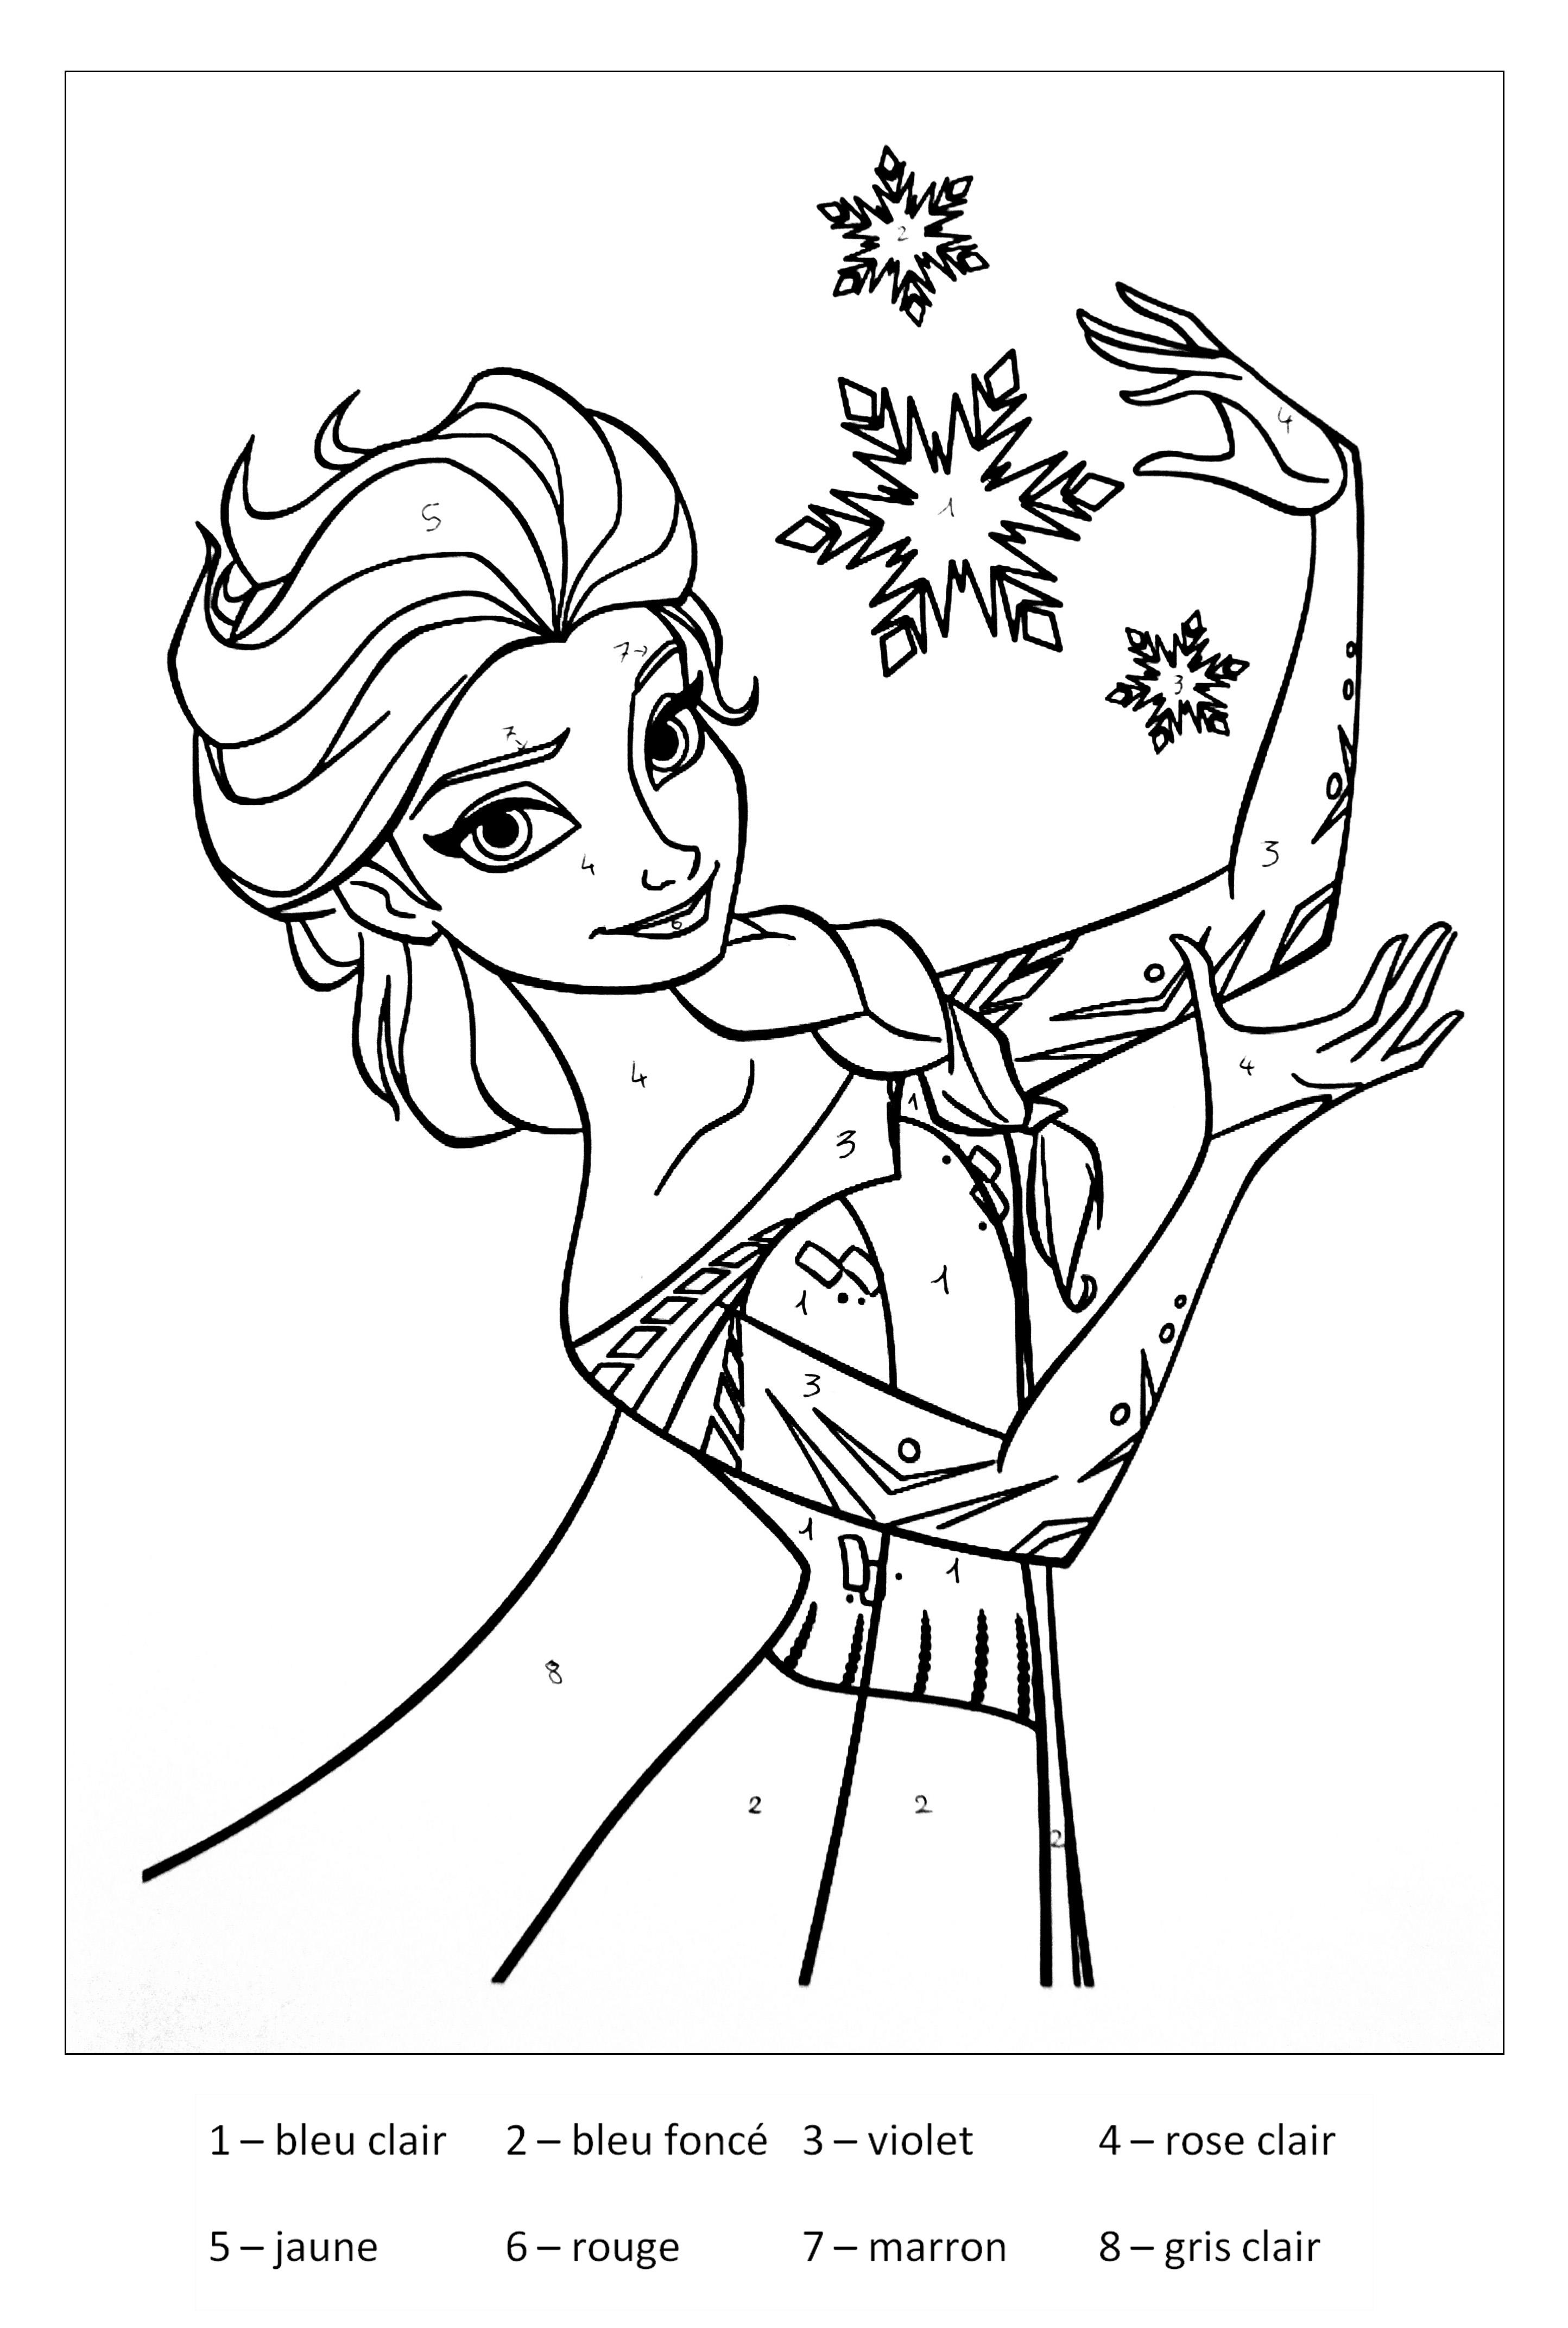 Coloriage De Elsa La Reine Des Neiges Gratuit A Colorier